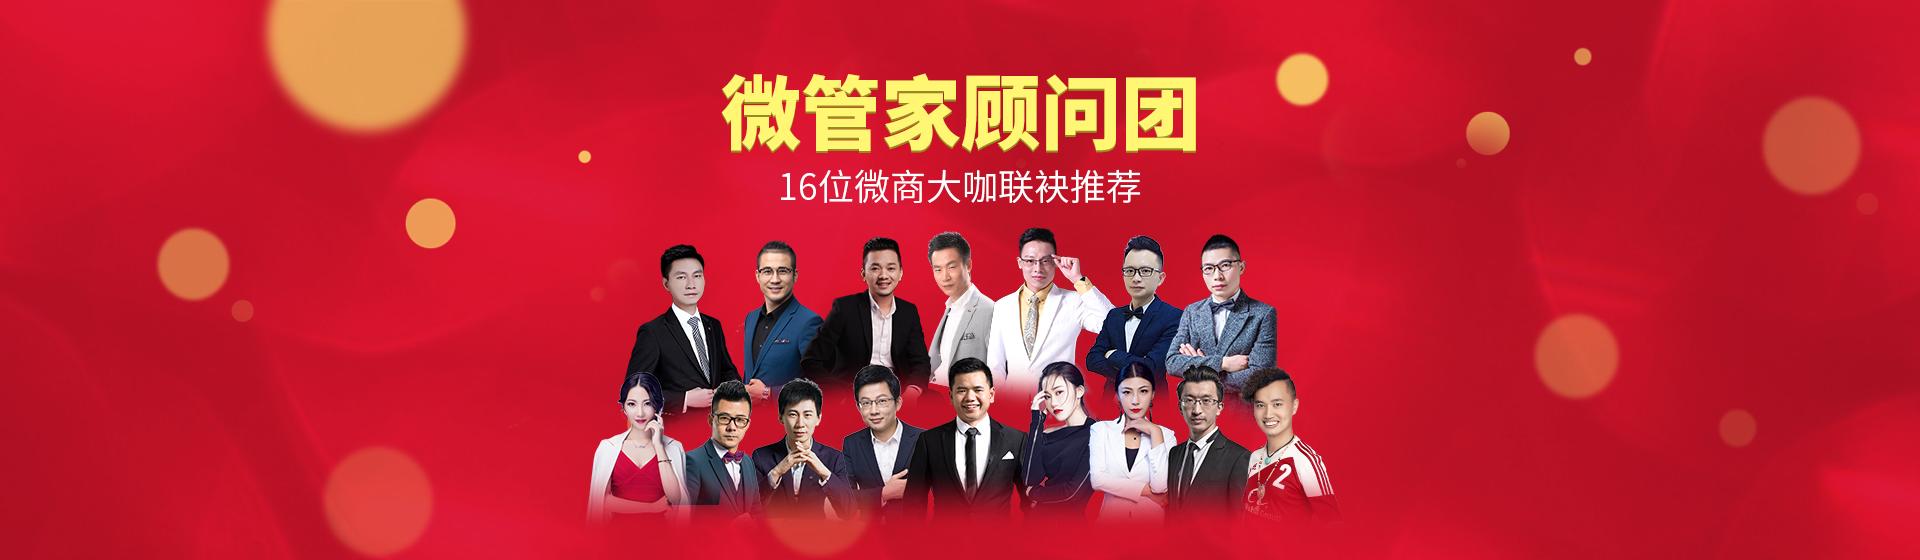 杭州小尖科技有限公司领先的移动电商平台服务商